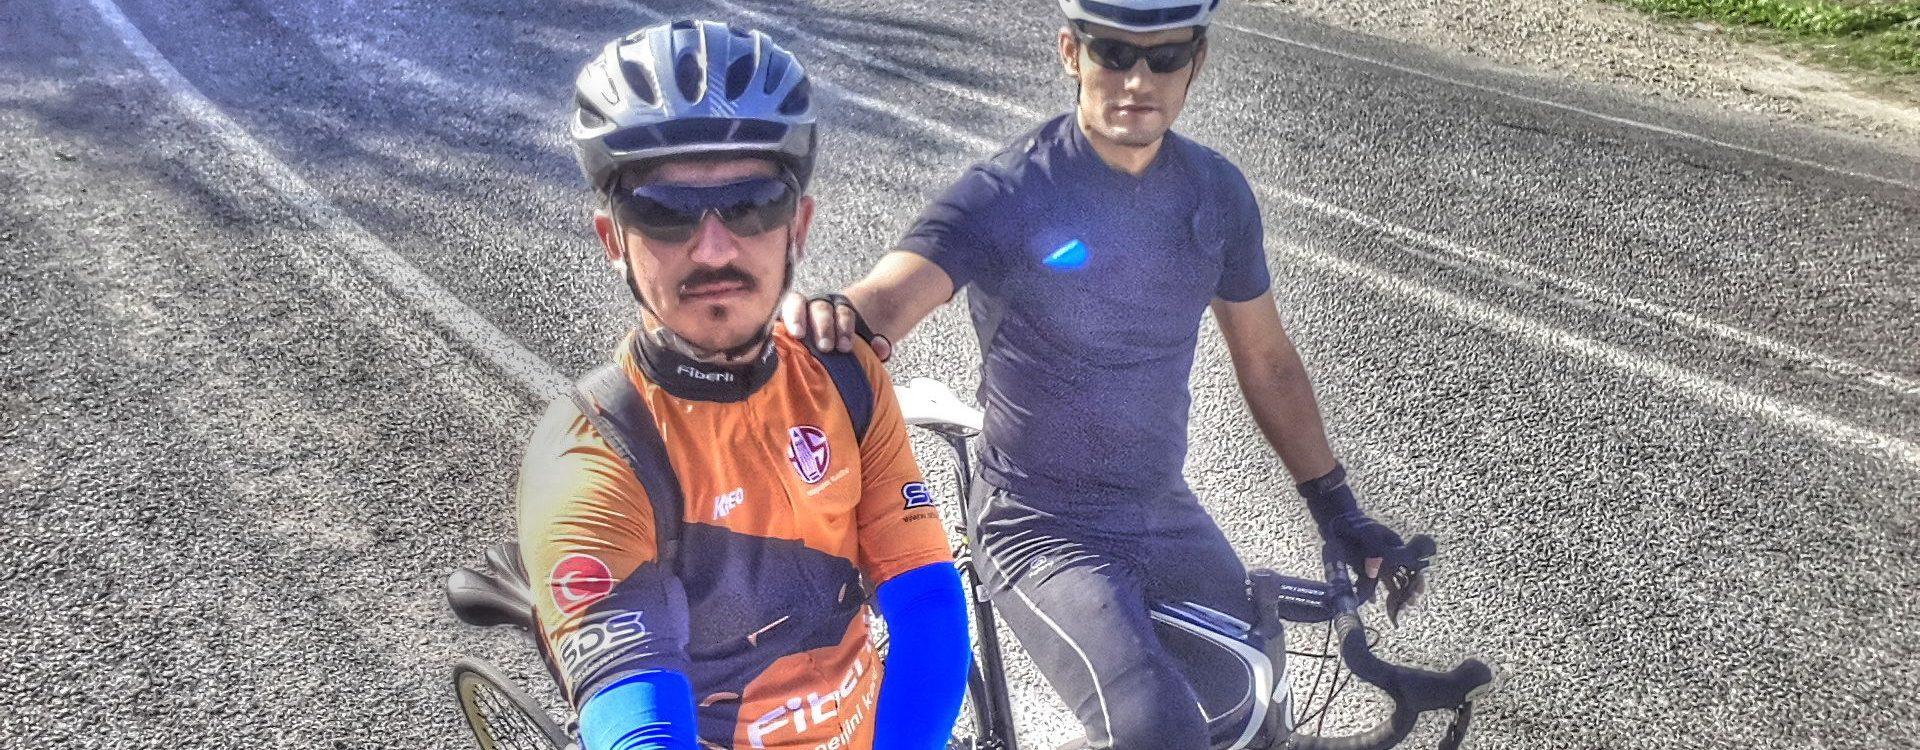 Köprülü Kanyon Manavgat Beşkonak Bisiklet Turu